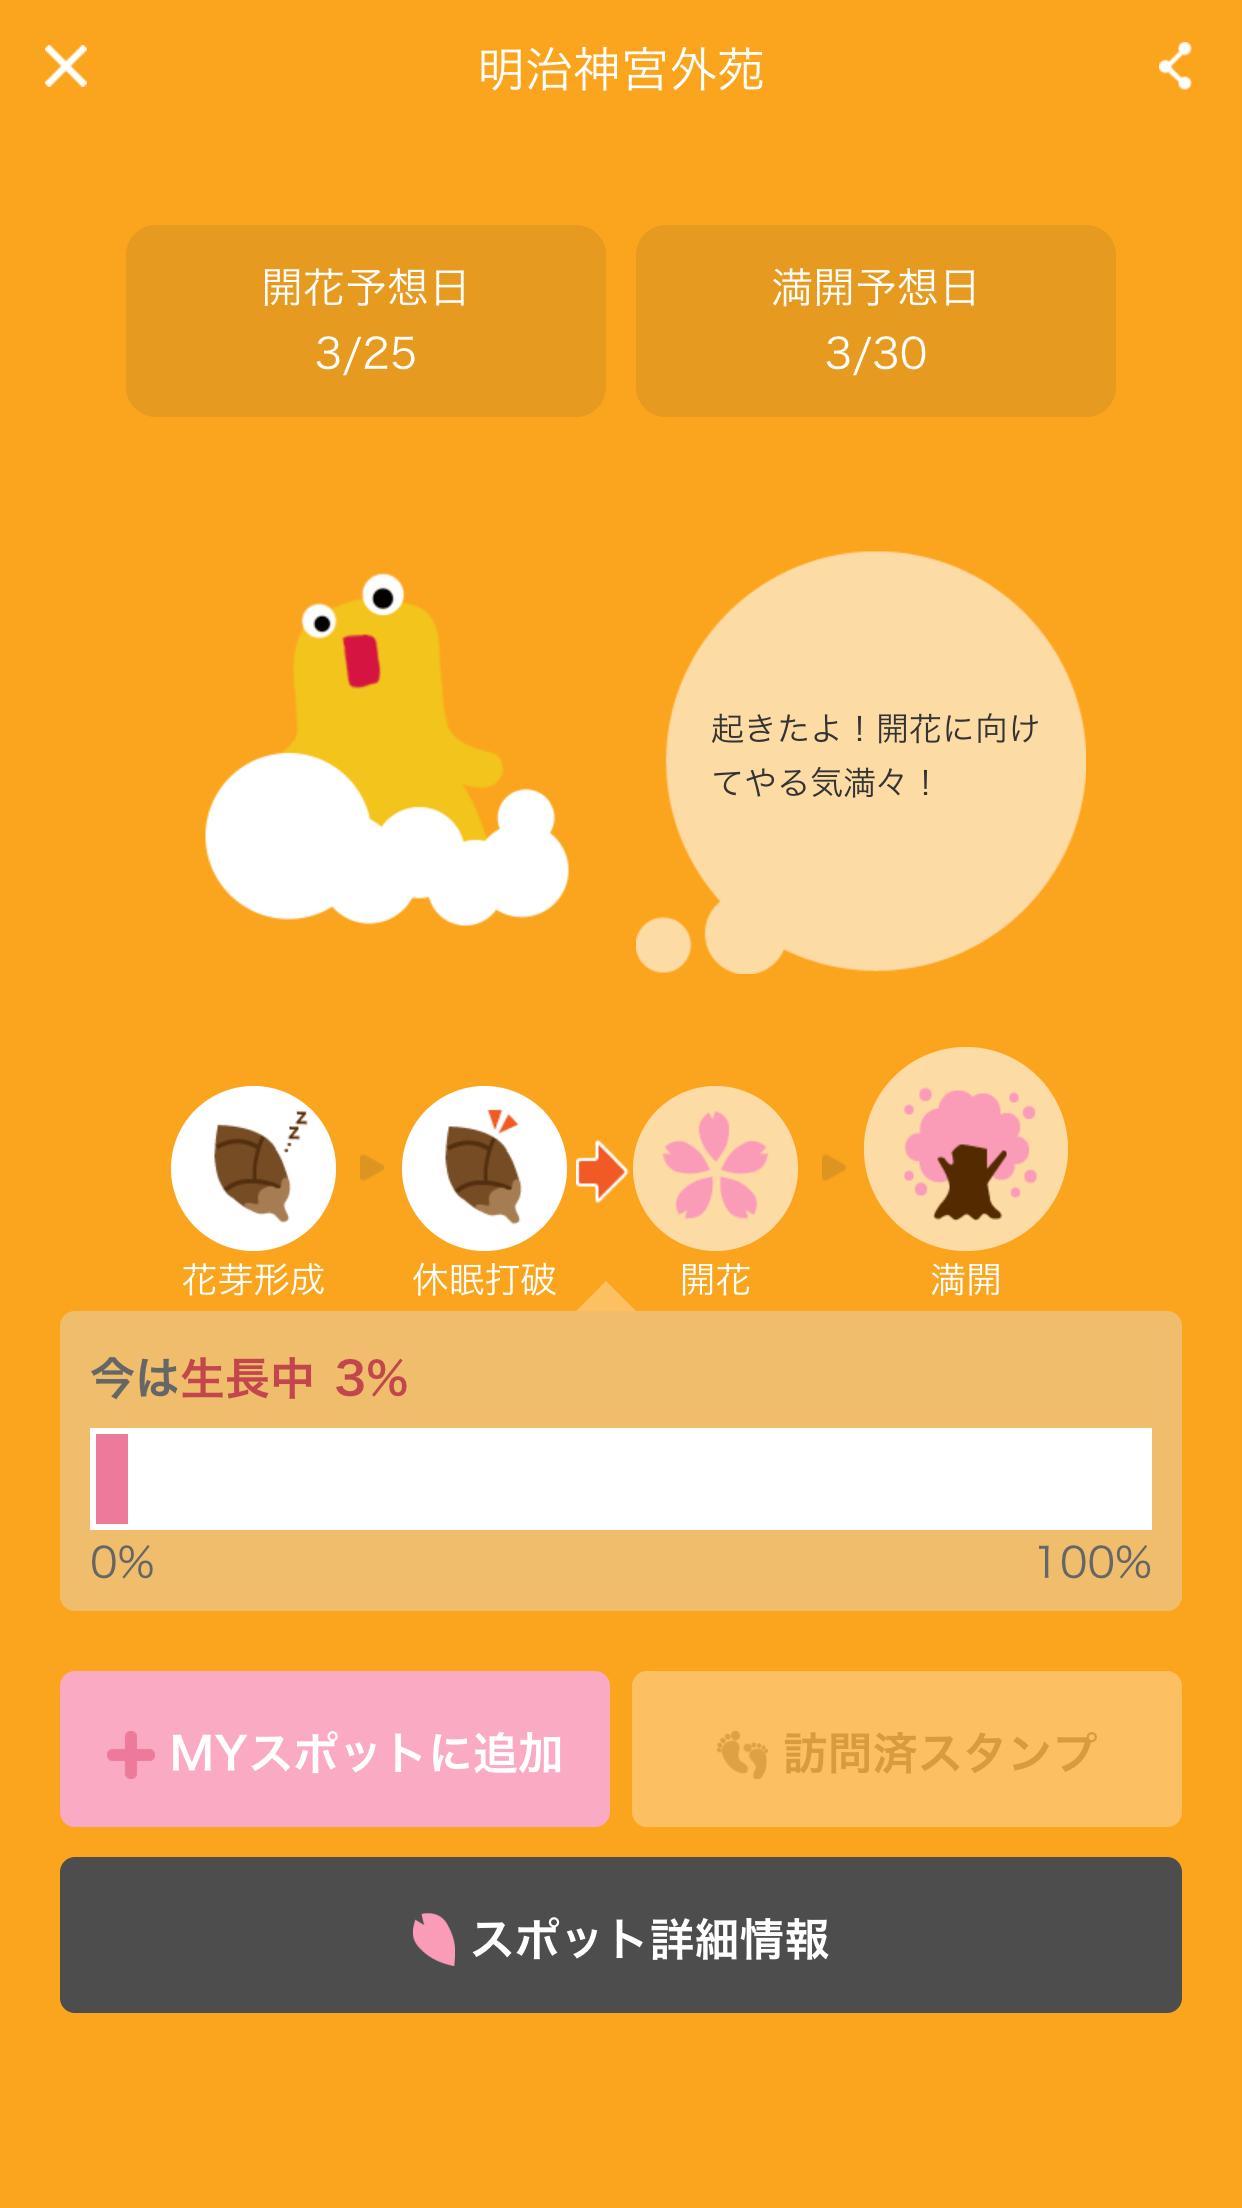 桜のきもち 桜スポット詳細